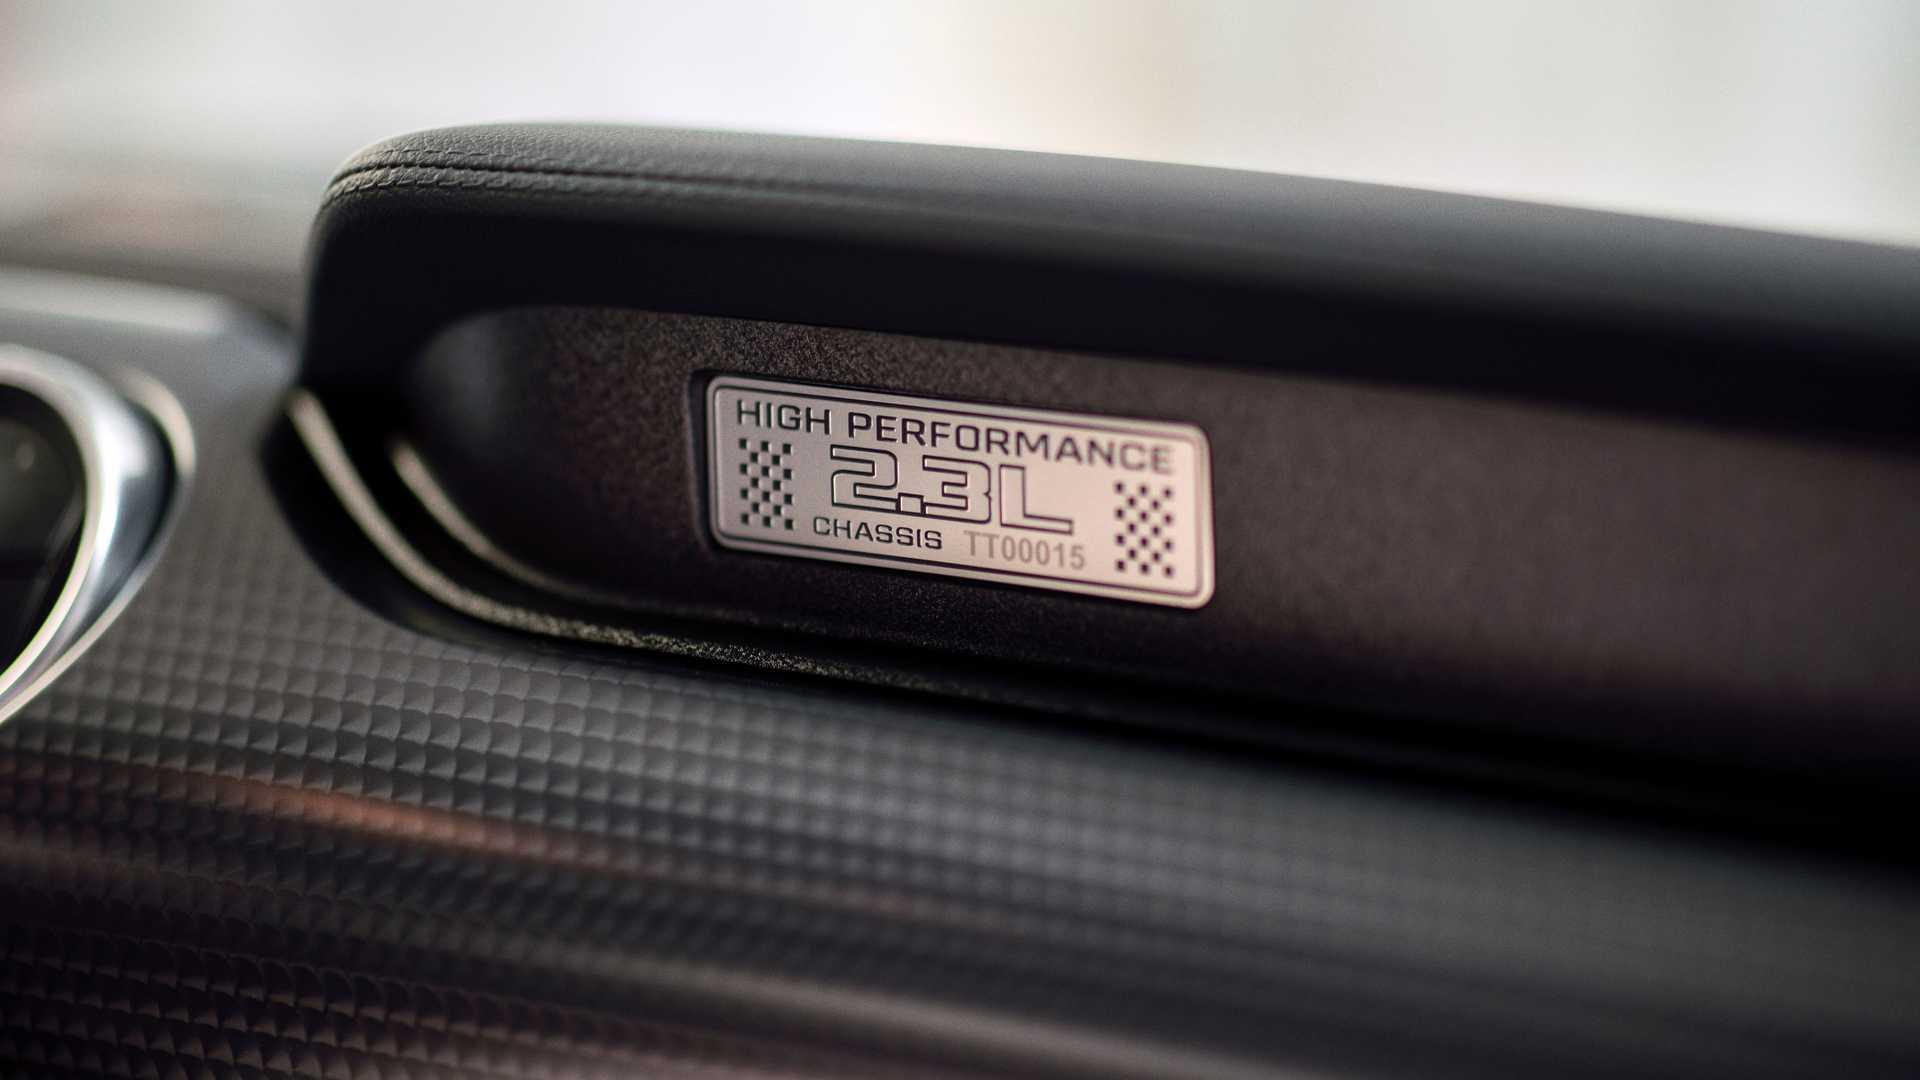 2020-ford-mustang-high-perf-package.jpg